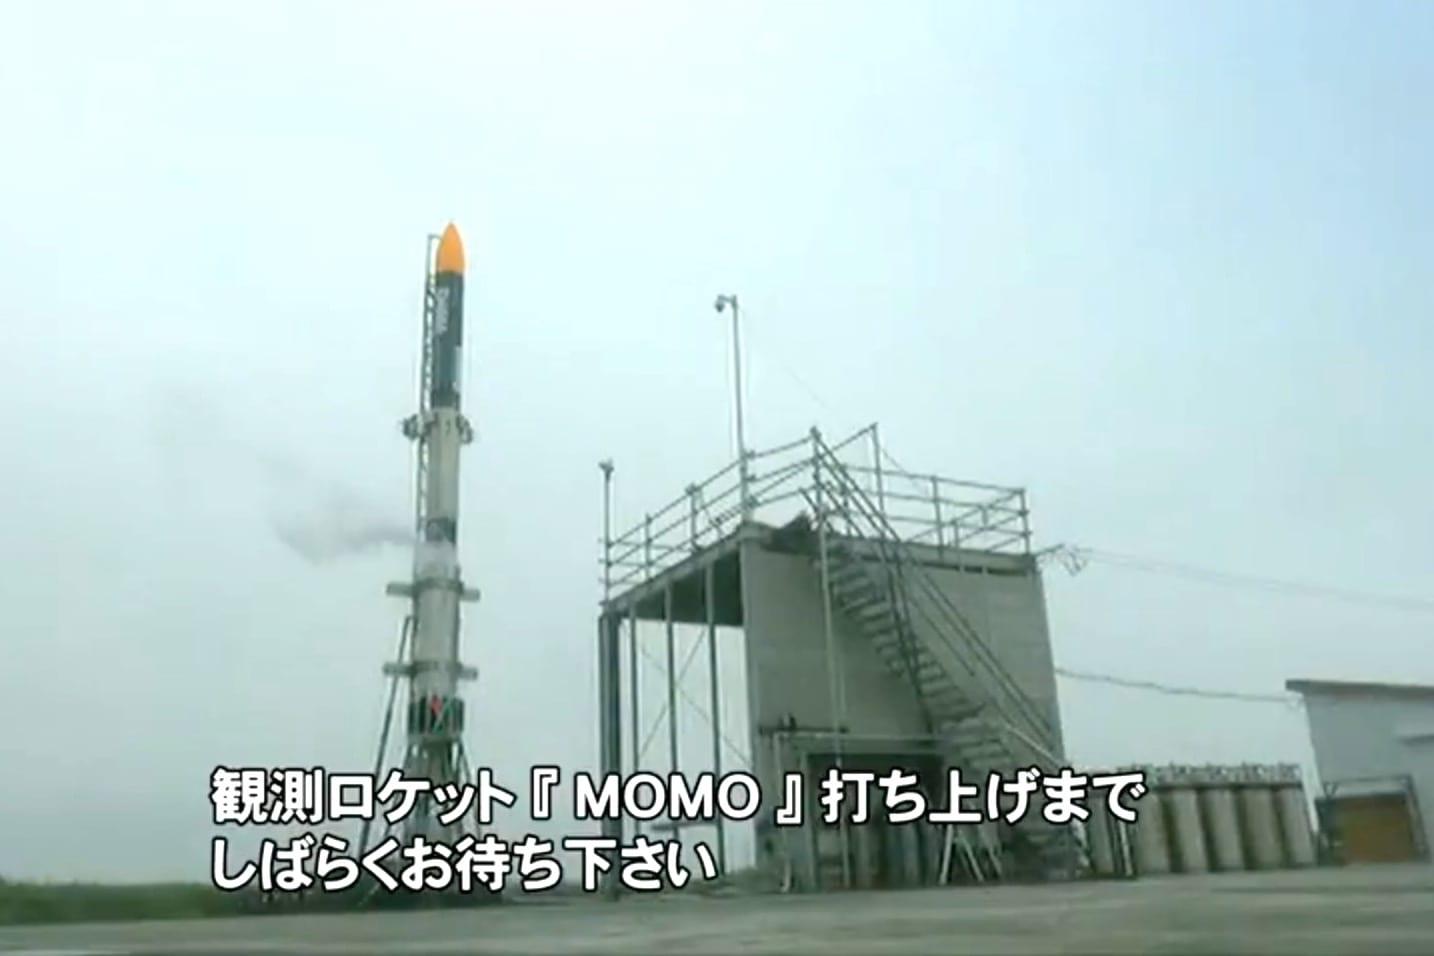 MOMOロケット